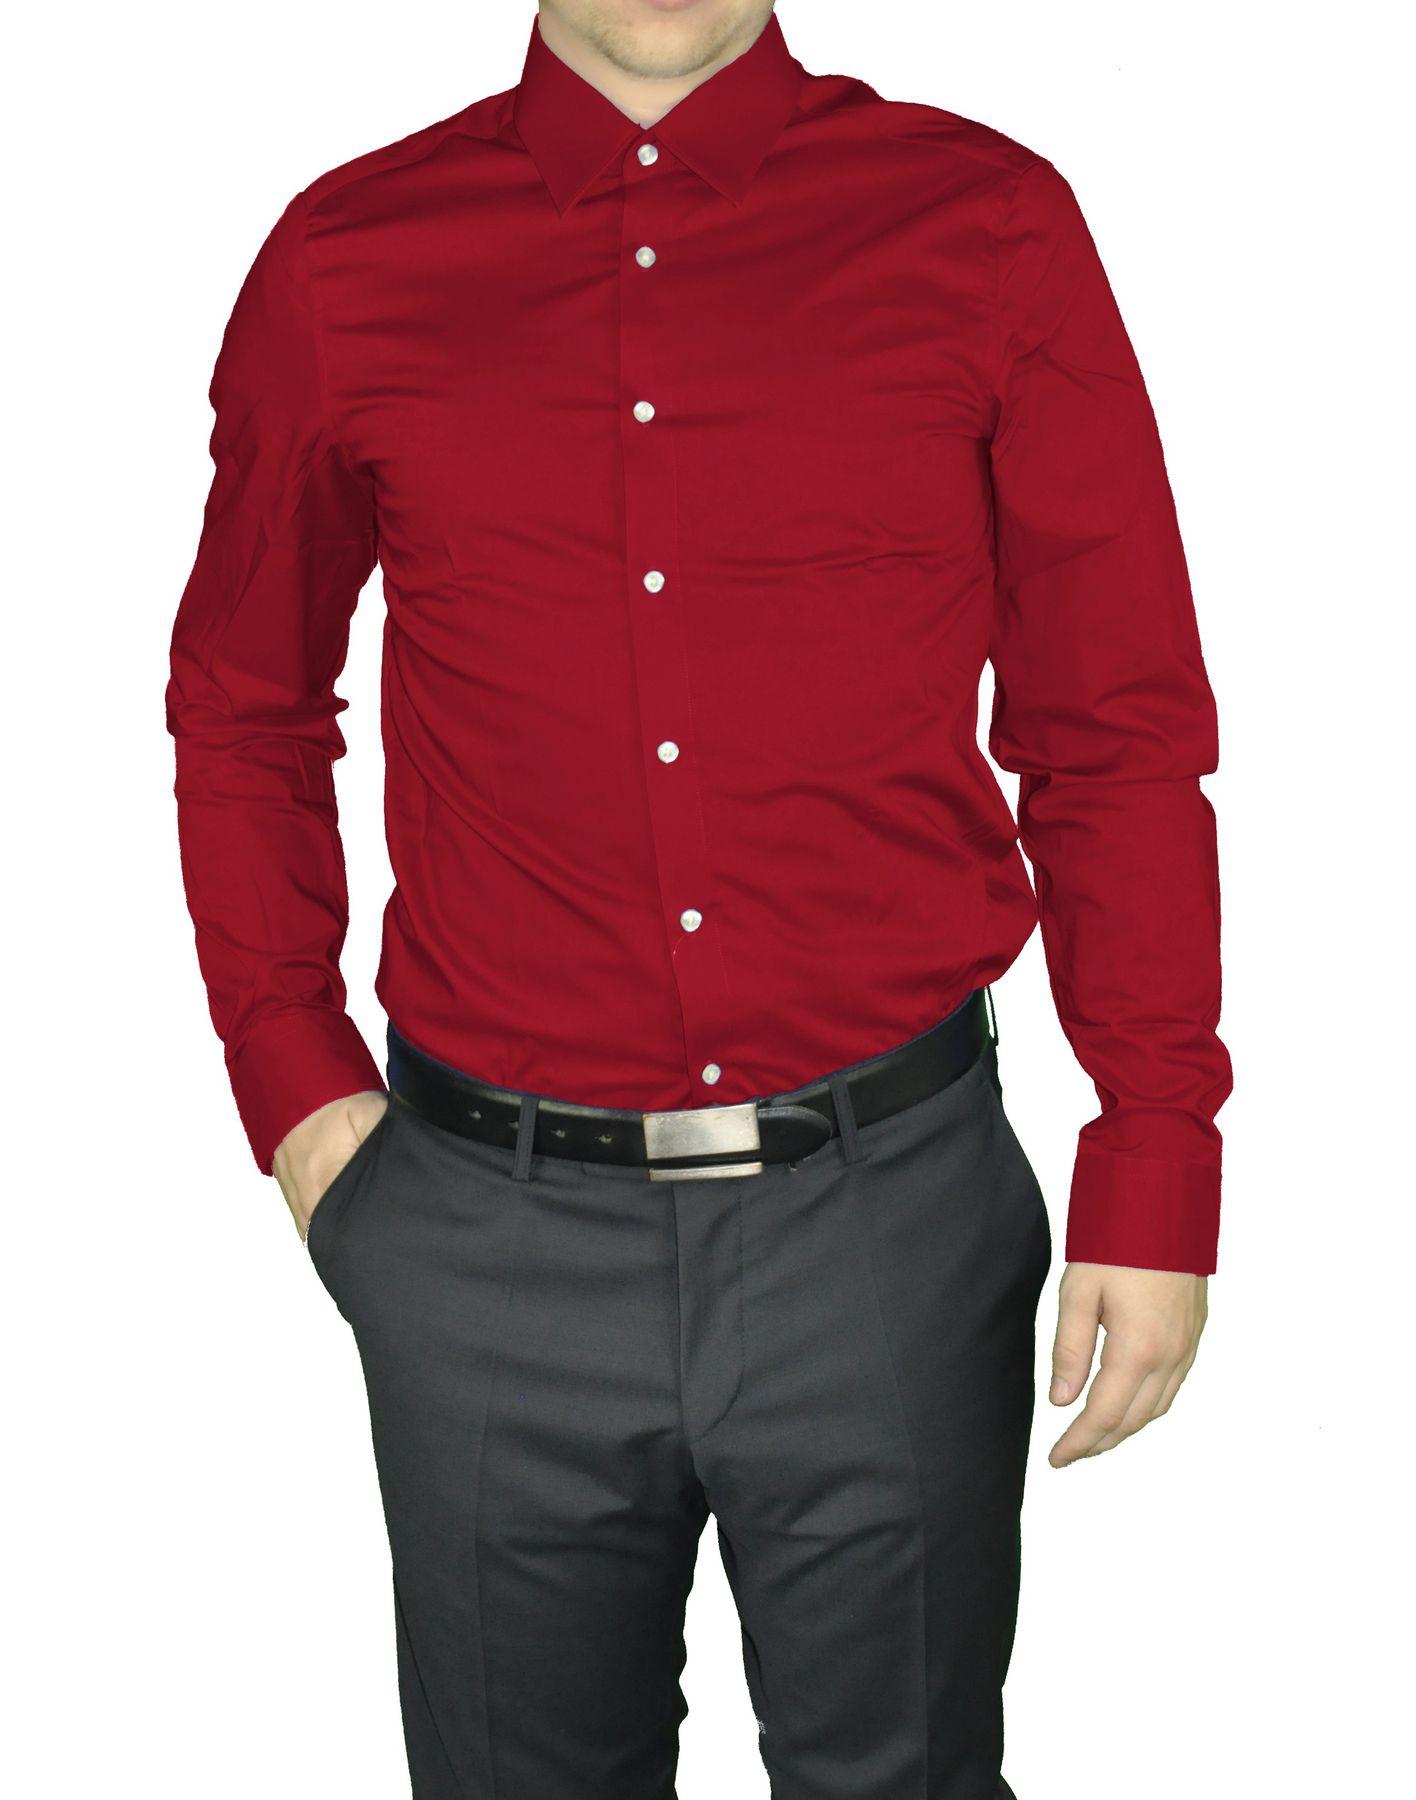 Redmond - Slim Fit - Herren Langarm Hemd in verschiedenen Farbvarianten, Unifarben, Bügelleicht (400130A) – Bild 8